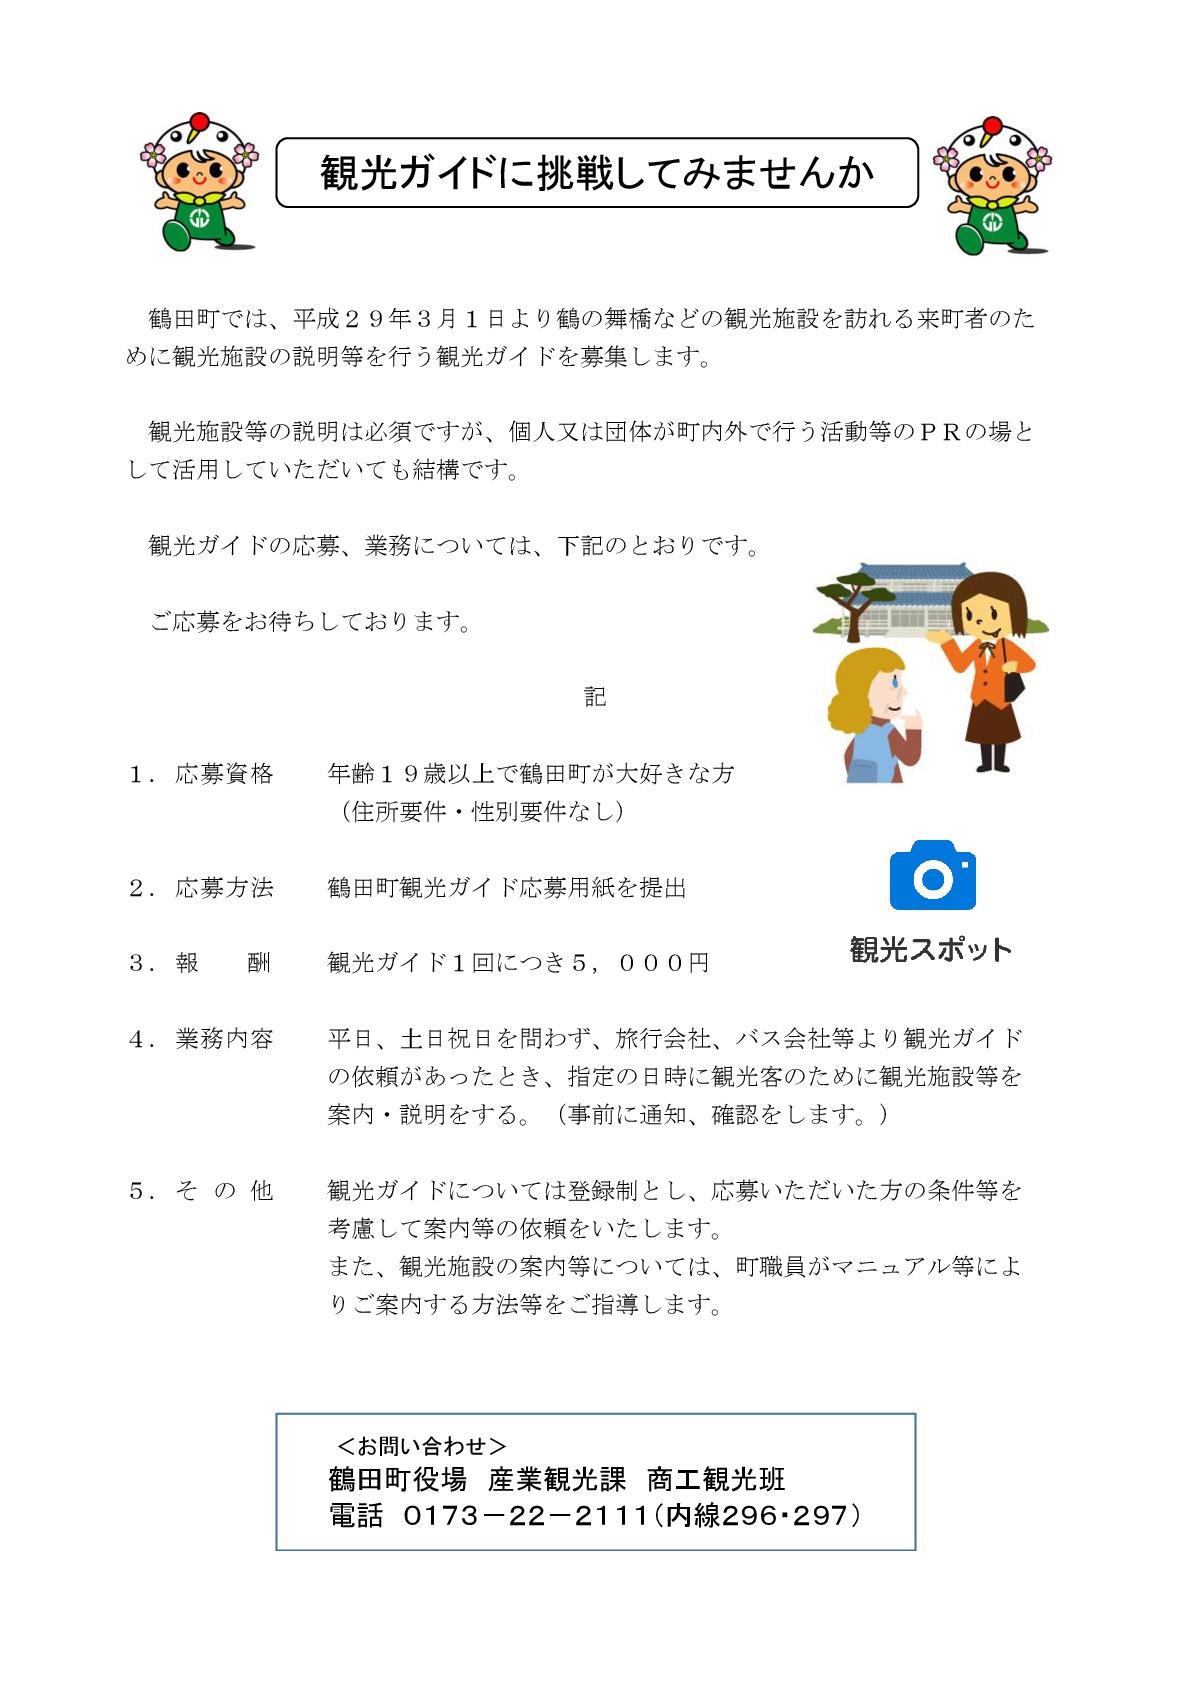 青森県鶴田町観光ガイド